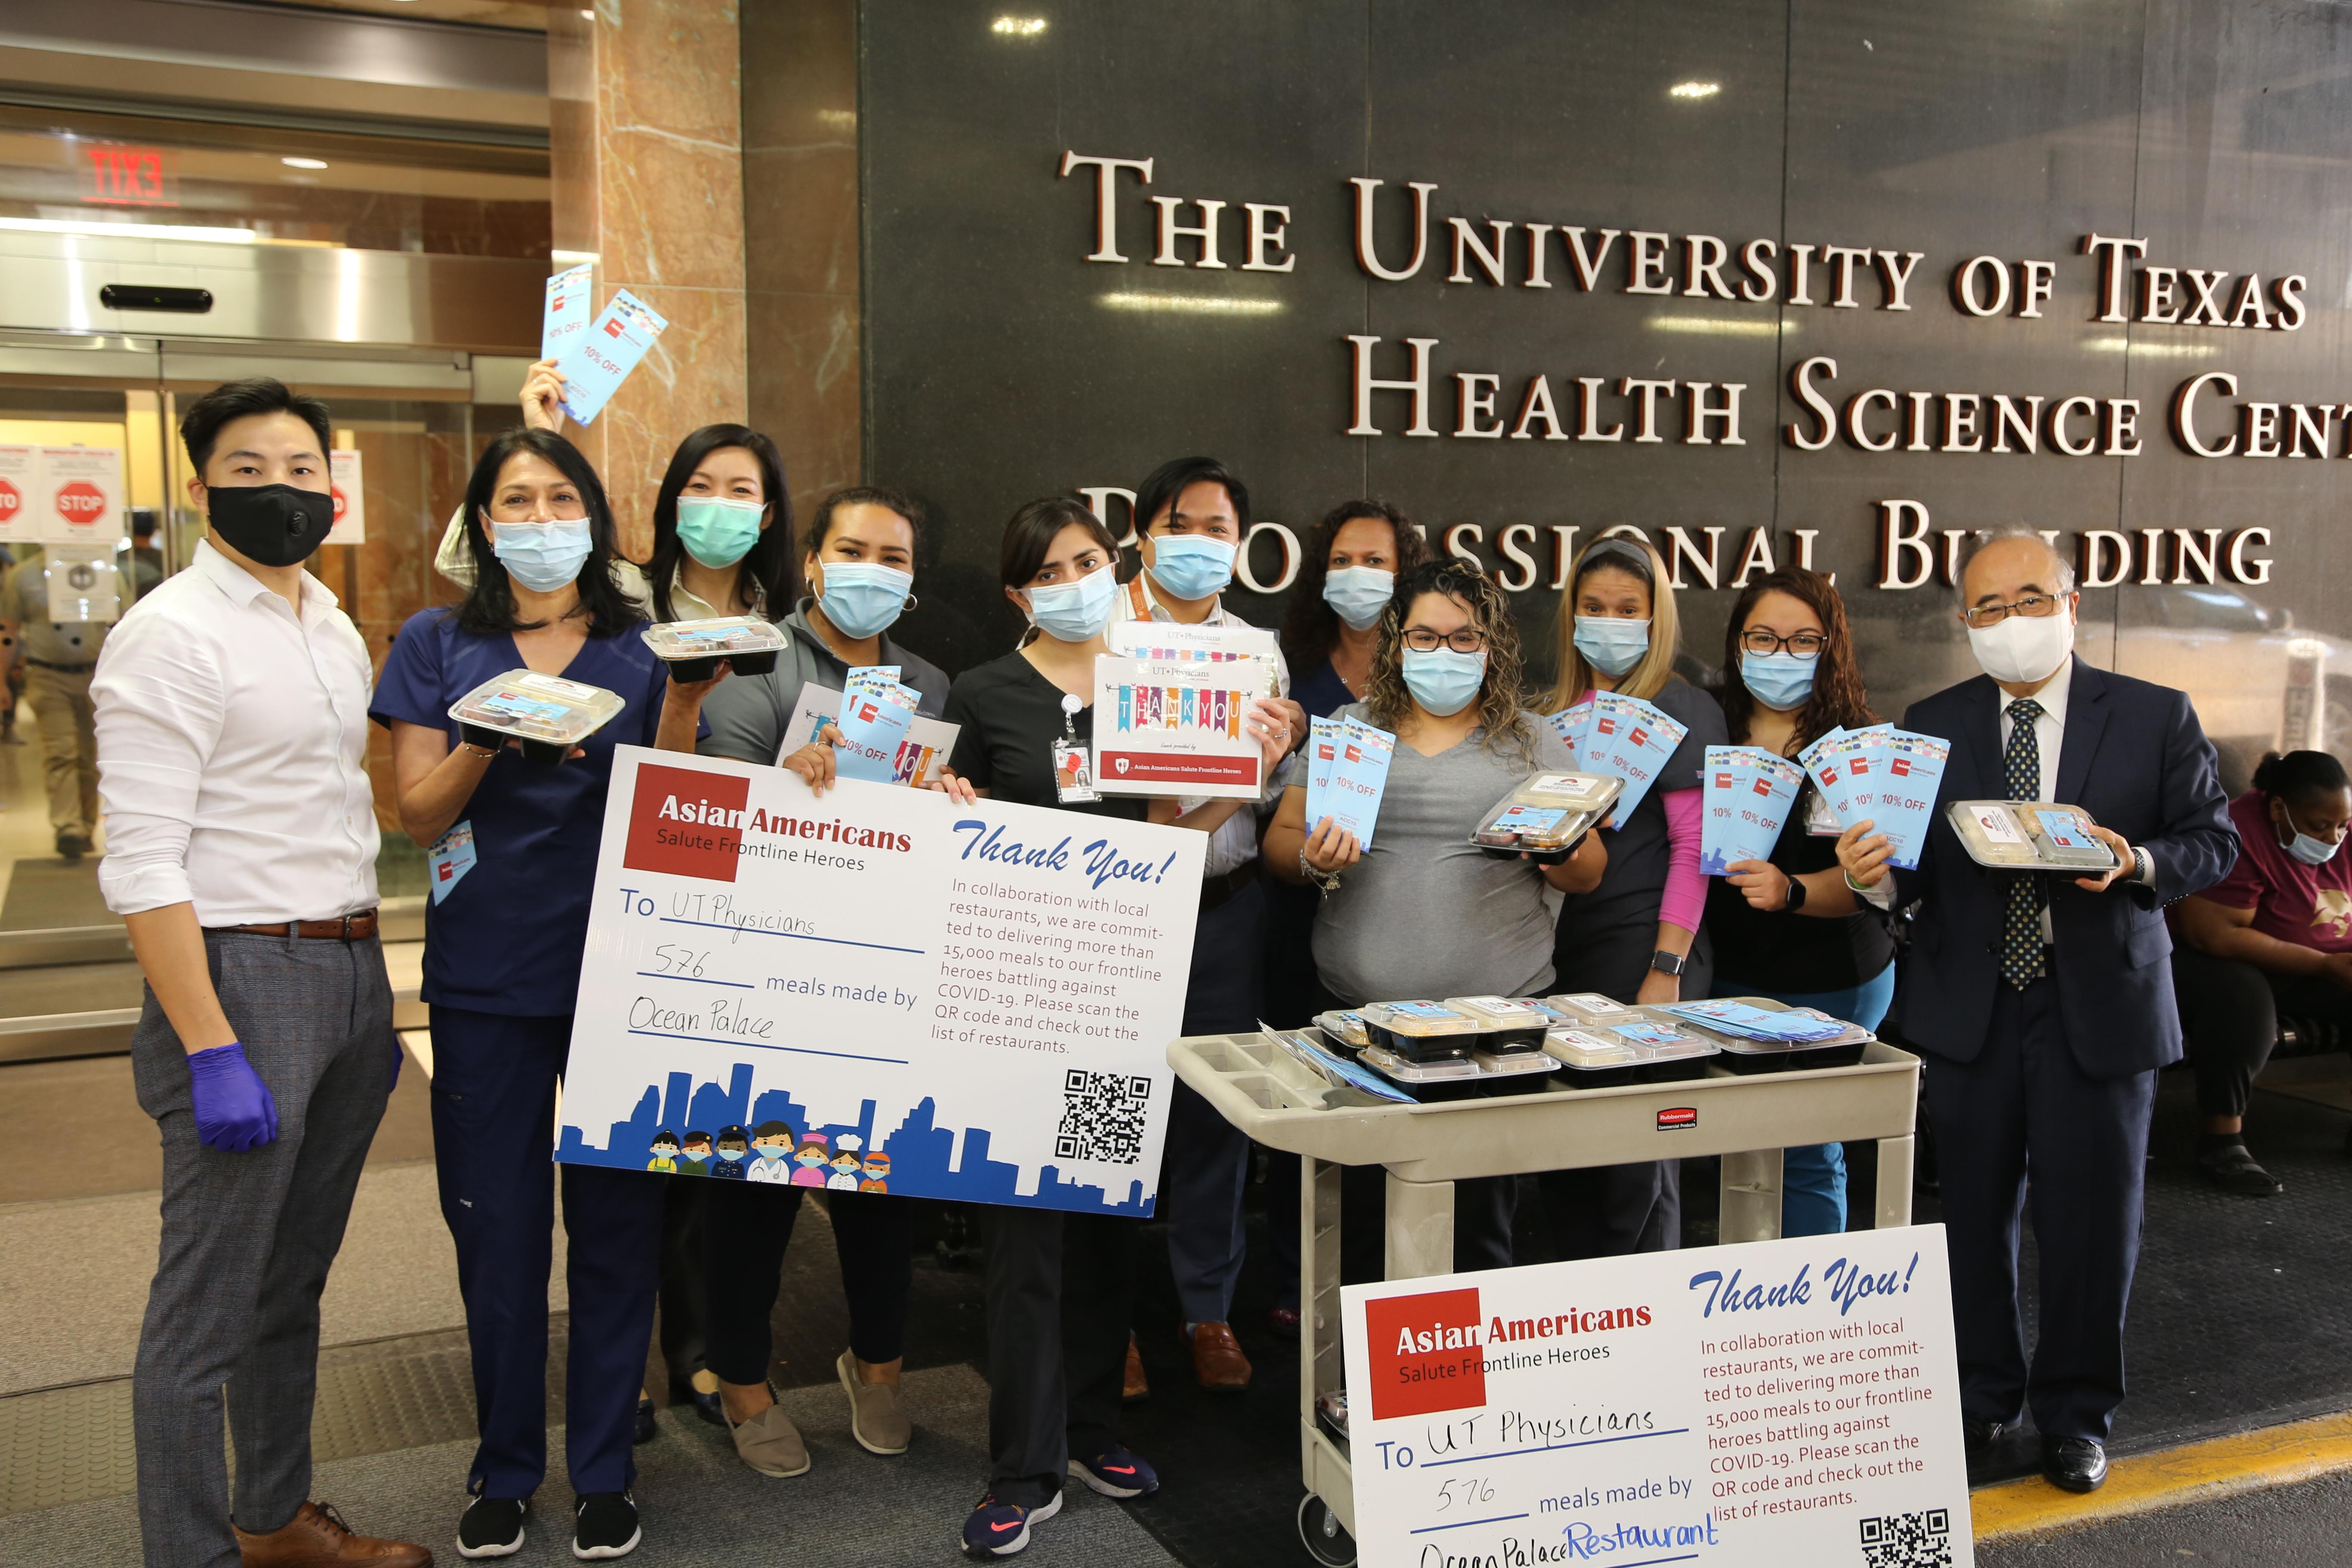 西南管理區區長李雄(右一)與亞裔商會執行長陳宇雯(左三)送出576份餐點到德州大學的醫學院受到護士們熱烈的歡迎。(記者封昌明/攝影)